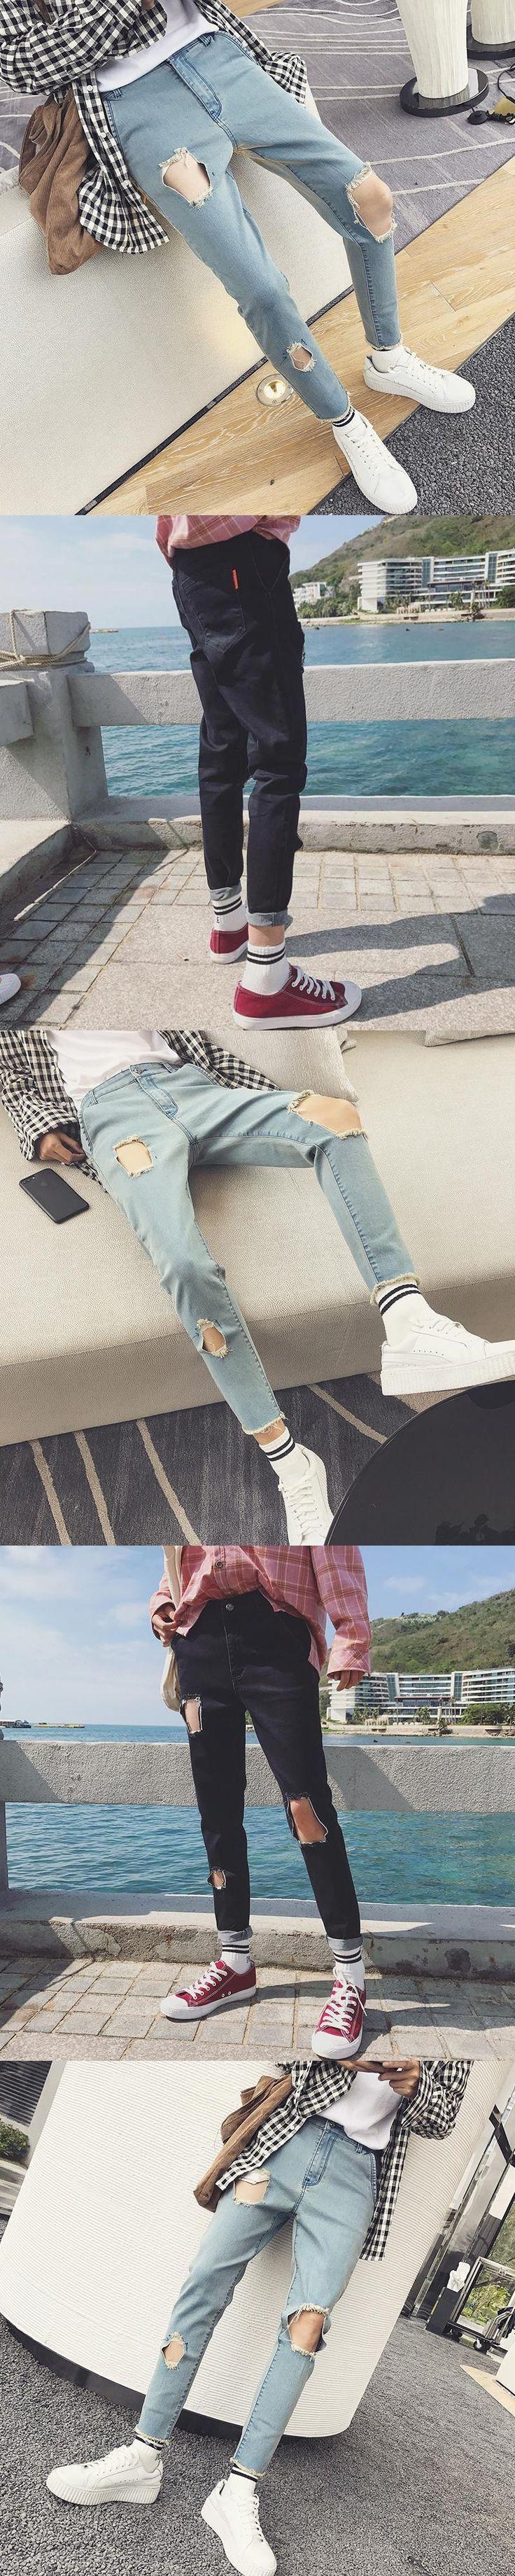 ZEESHANT Streetwear Mens Ripped Biker Jeans Homme Men's Fashion Motorcycle Slim Fit  Moto Denim Pants Joggers in Men's Jeans